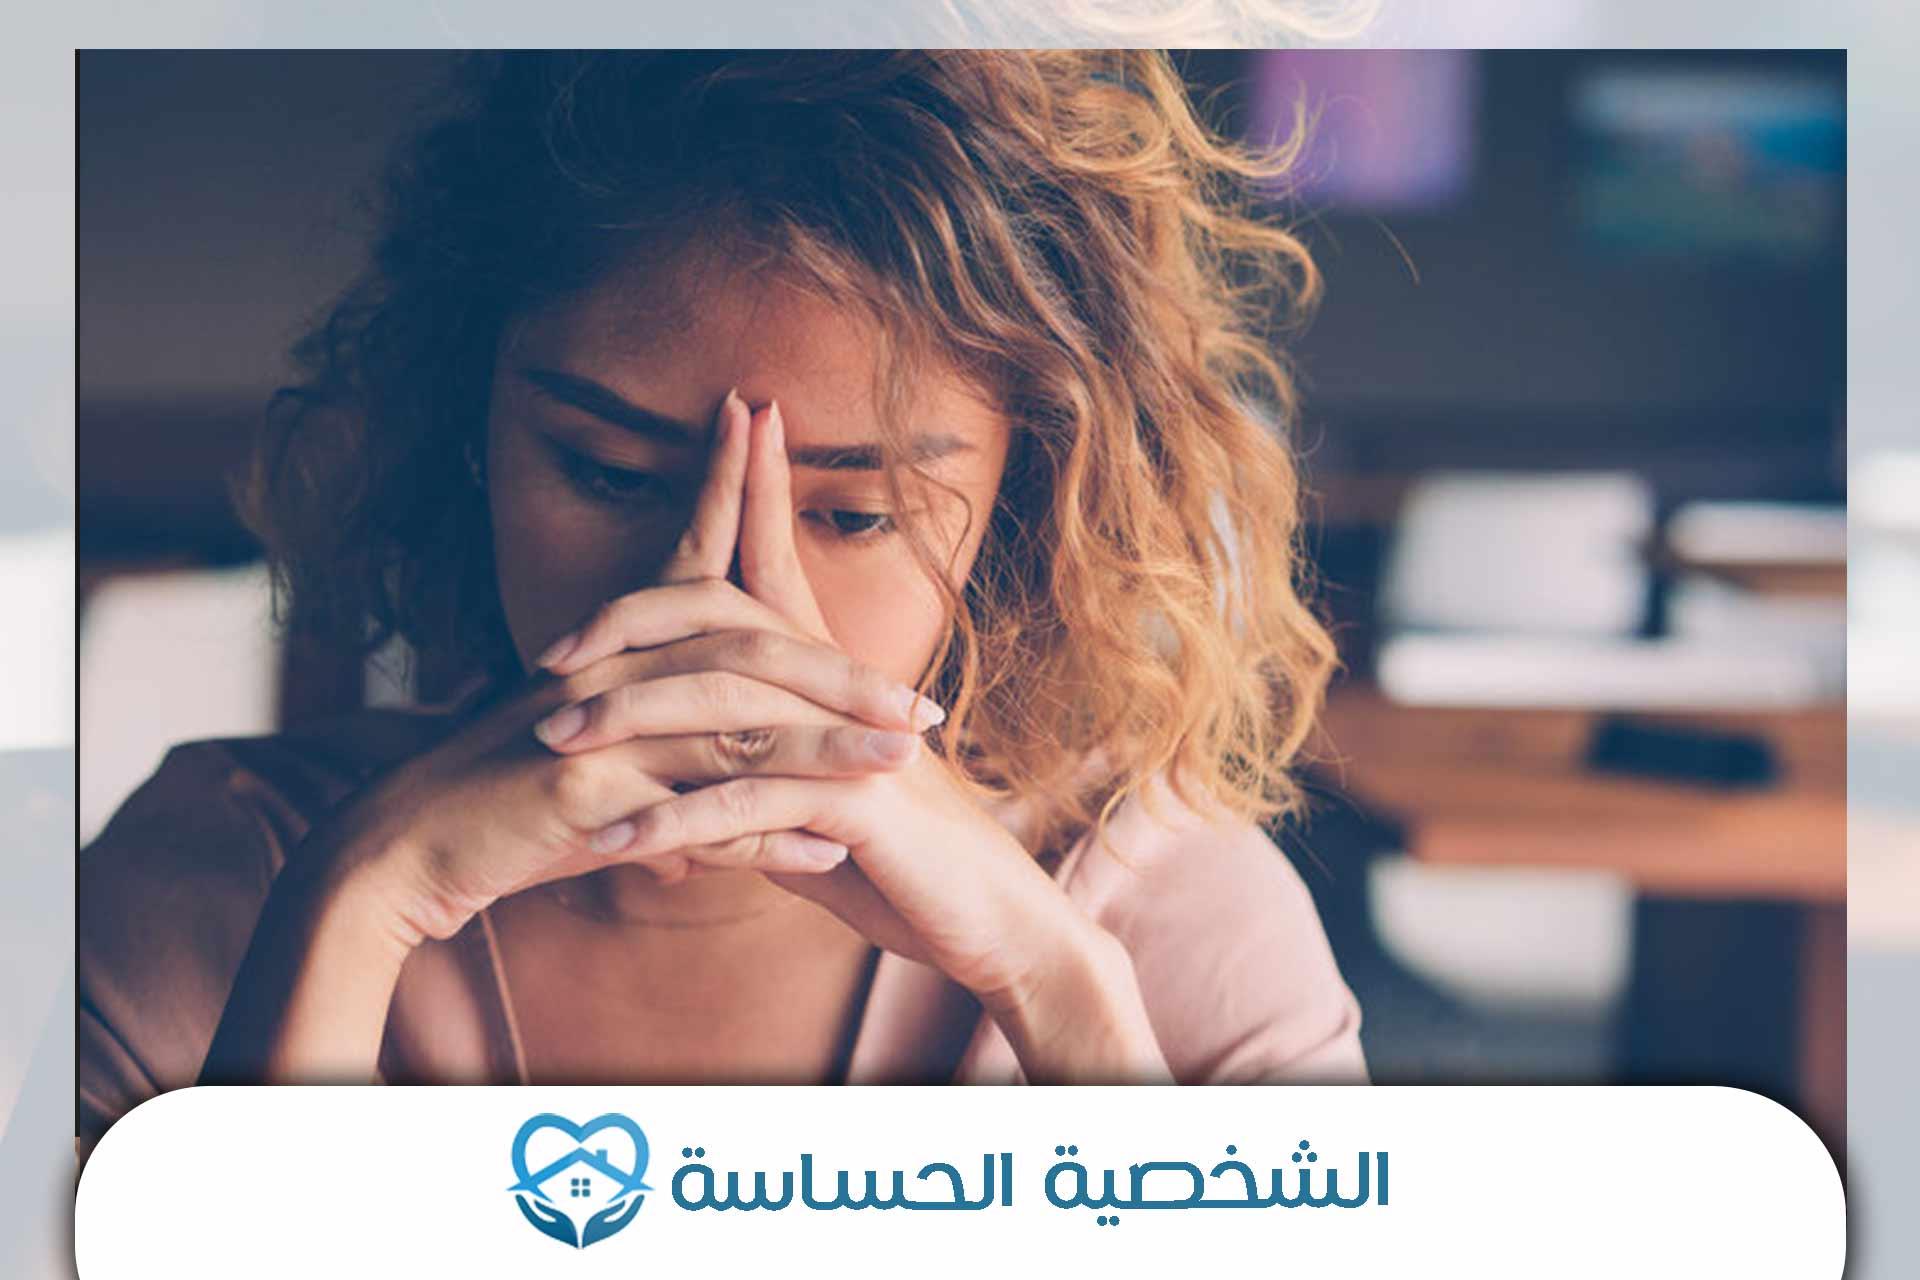 14 نصيحة تساعد الشخصية الحساسة على التعامل مع الأزمات بسهولة مستشفى التعافي